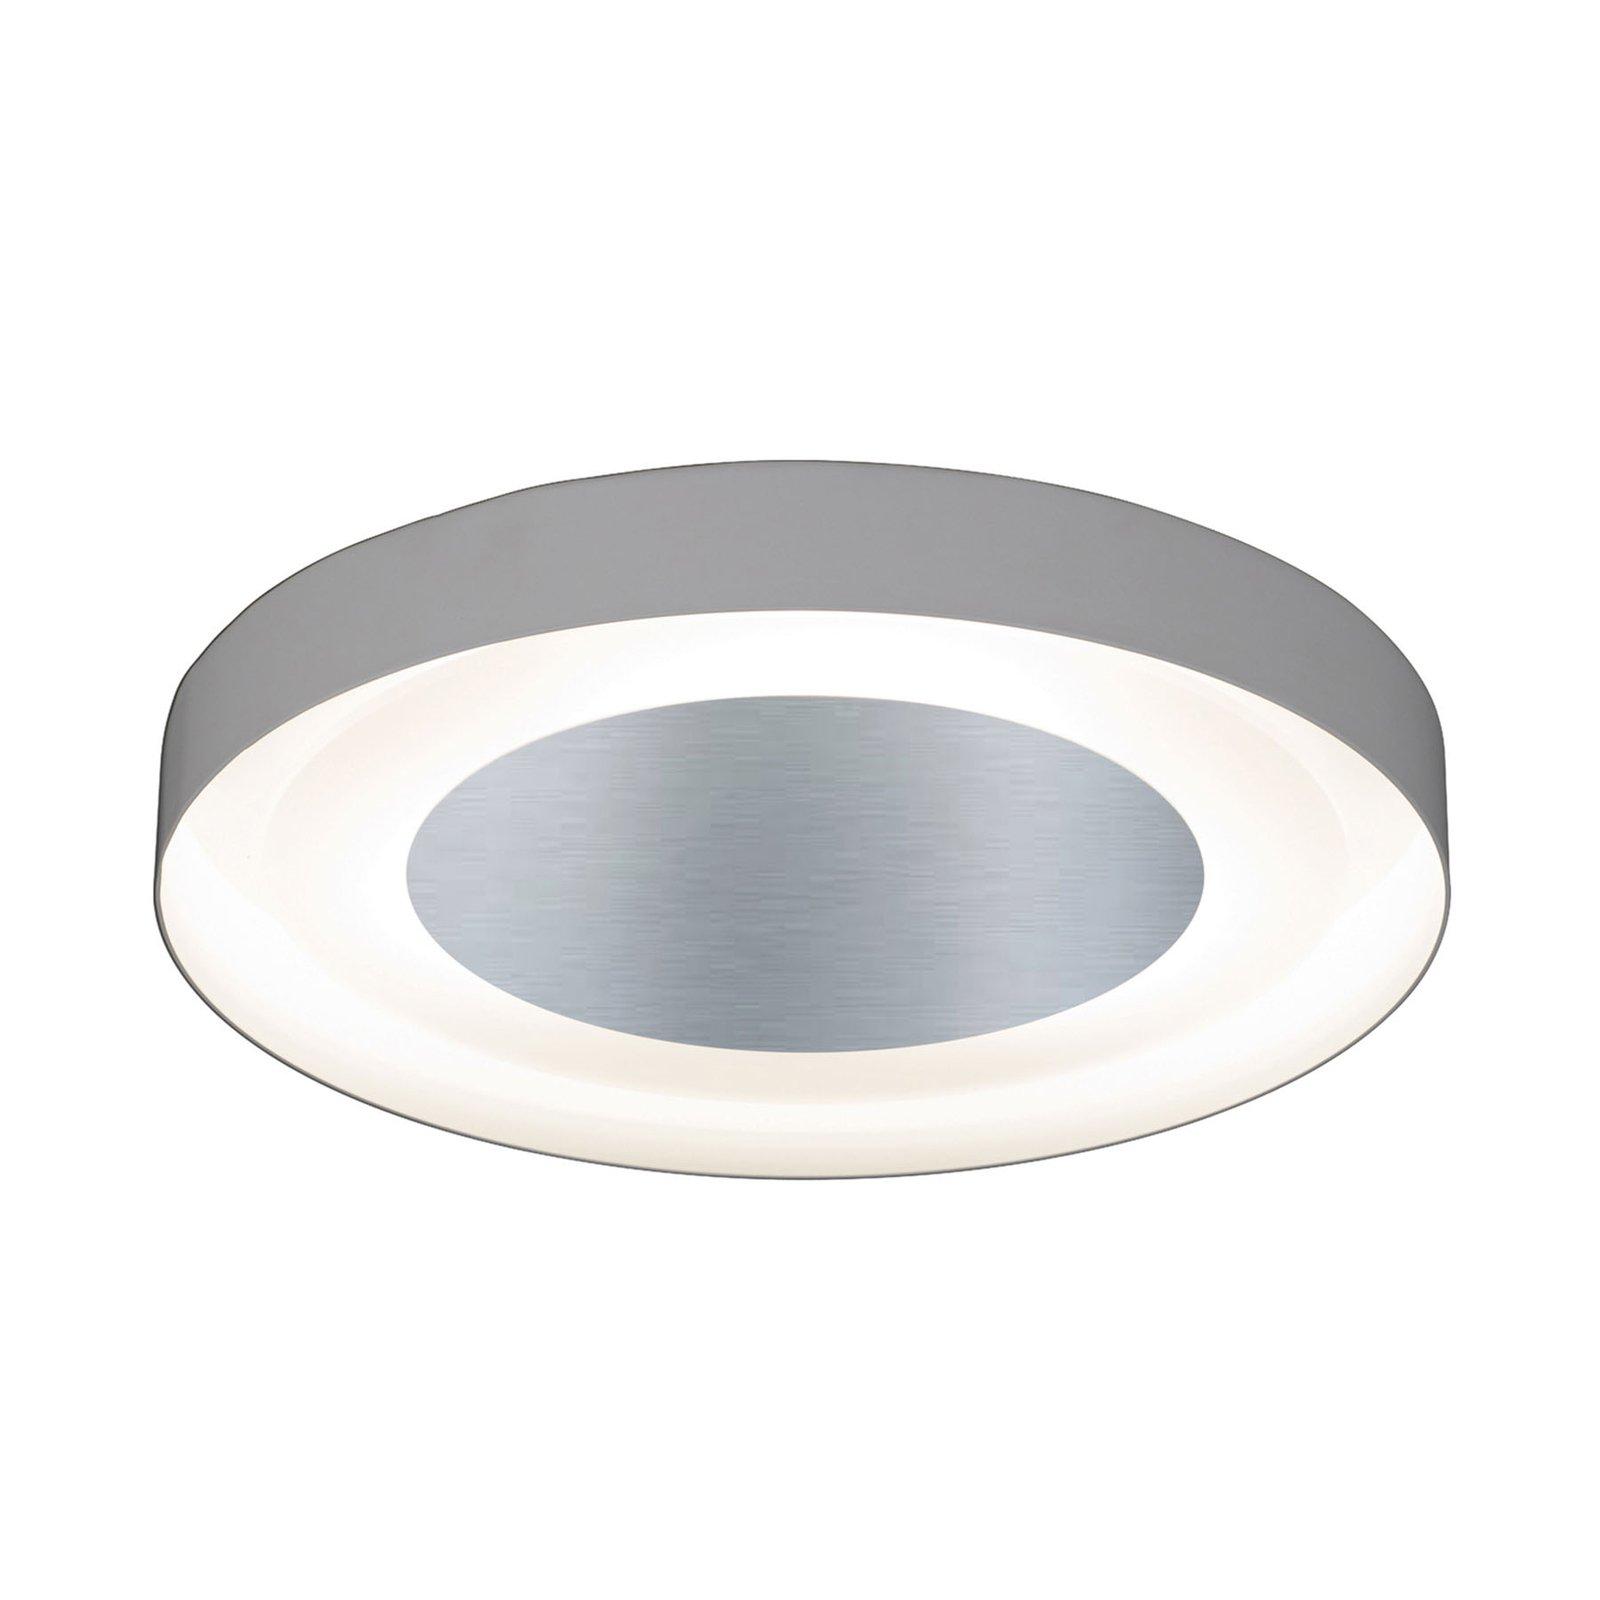 3560/3PL taklampe, bladsølv, Ø 40cm